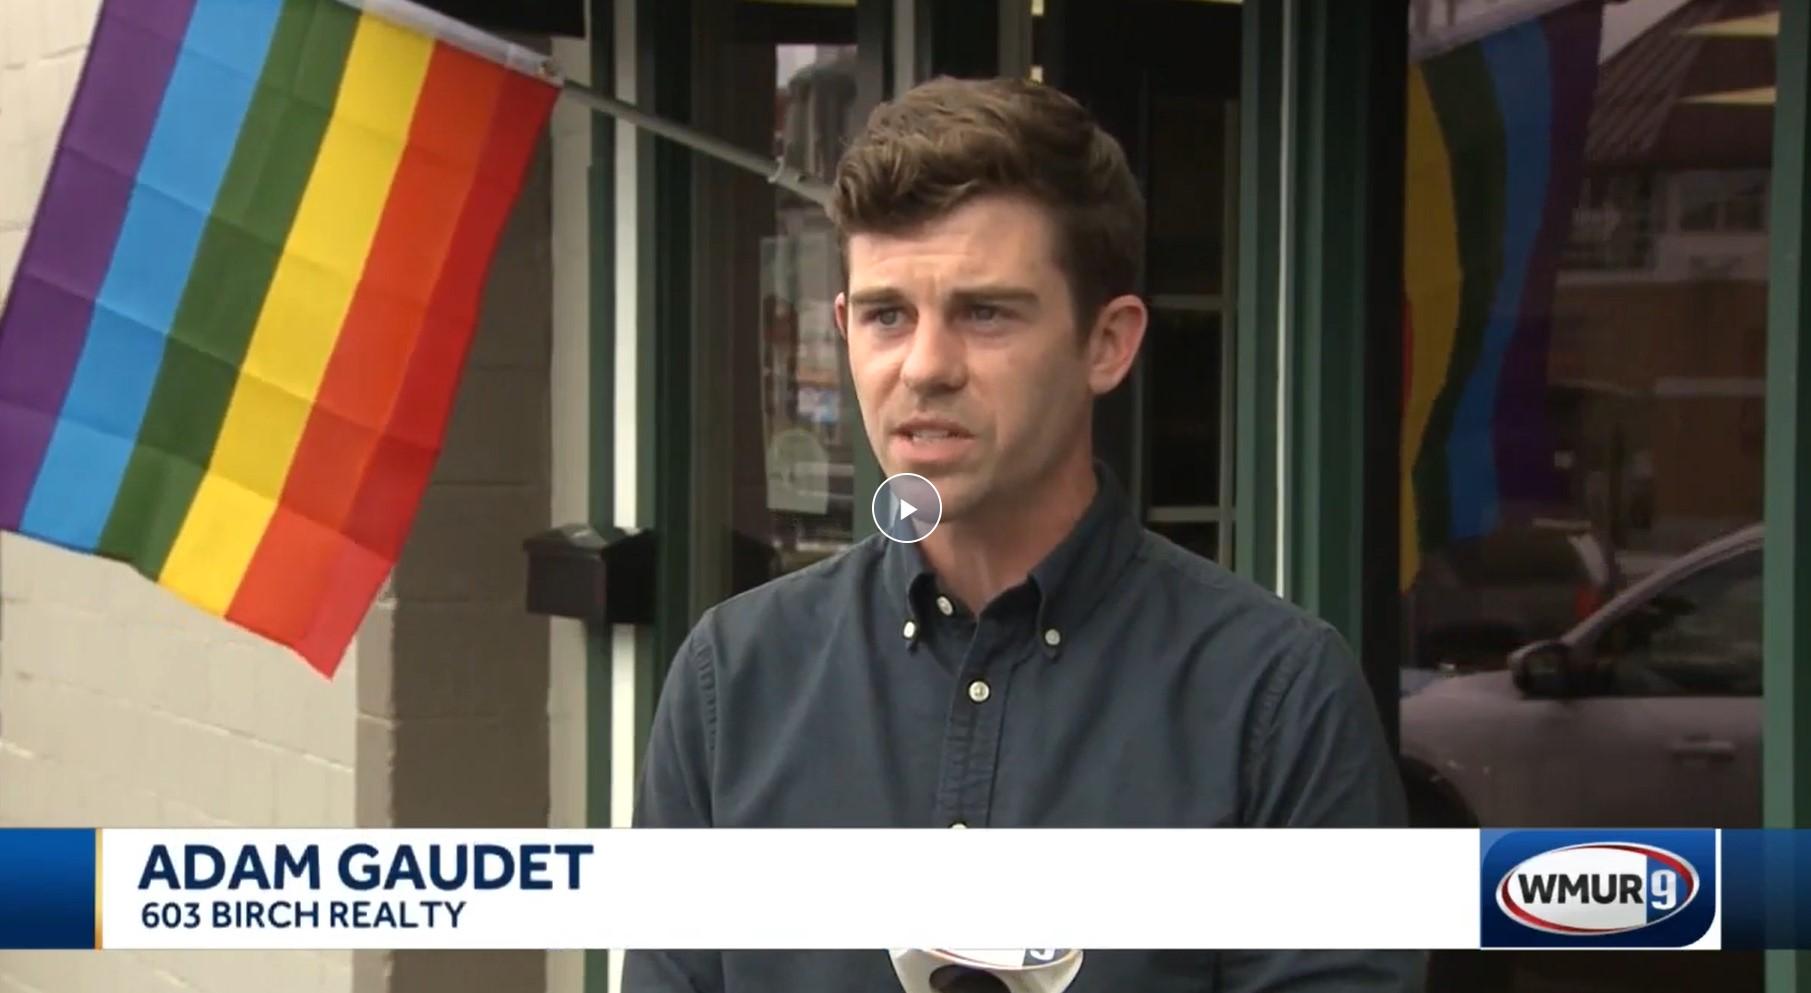 Adam Gaudet, 603 Birch Realty Broker/Founder, speaks with WMUR-TV, August 2021